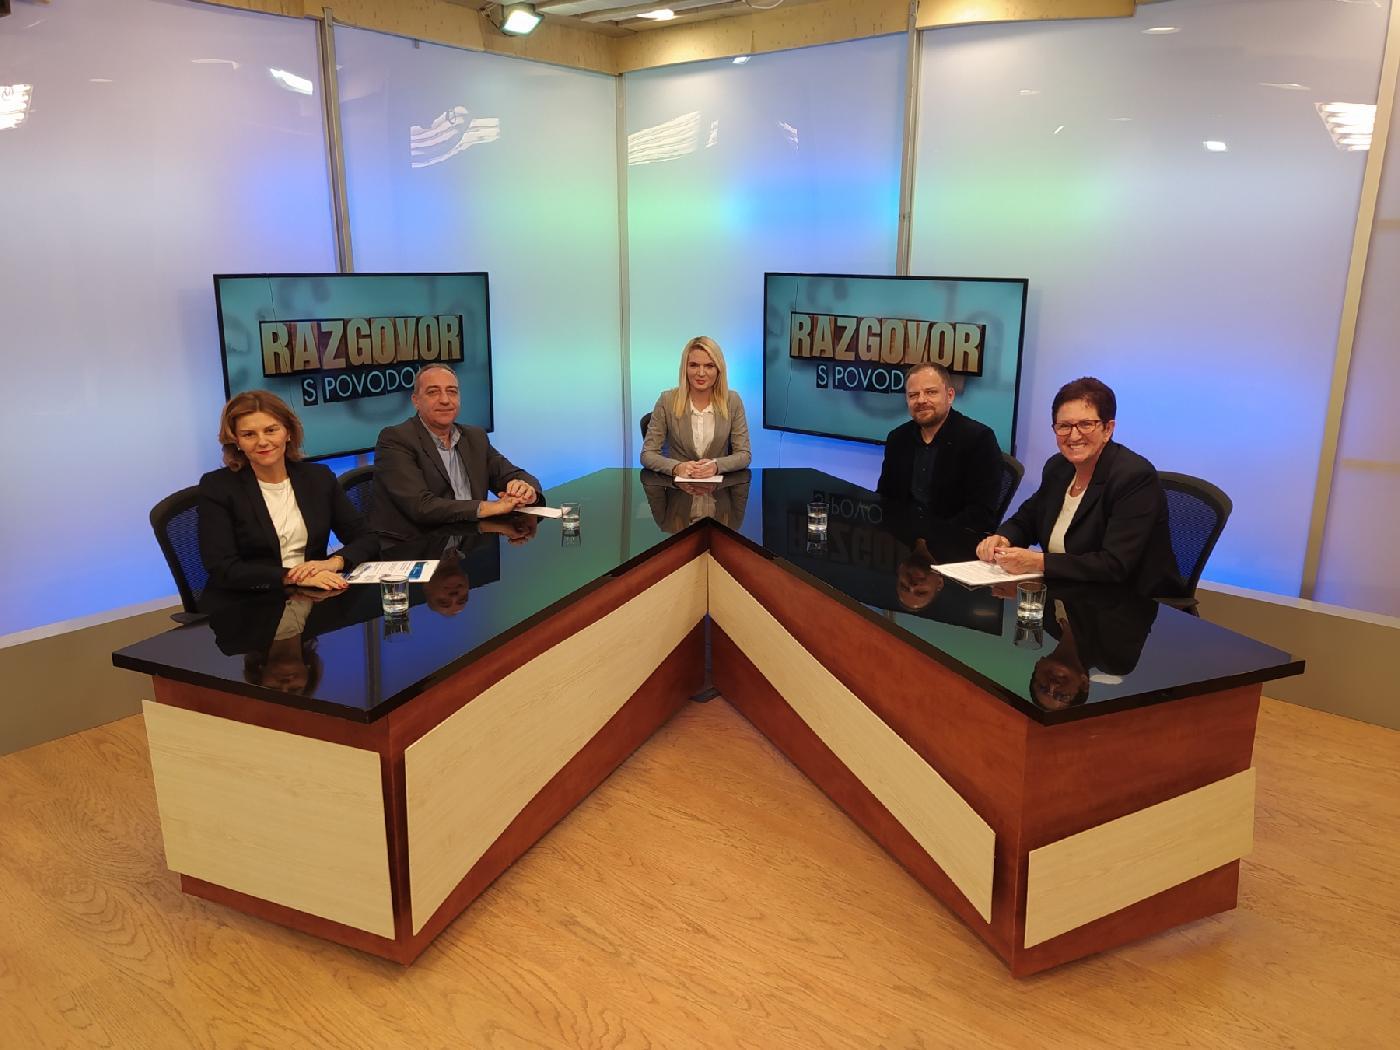 Razgovor s povodom – gostovanje predstavnika Aquasan mreže u BiH na RTV USK